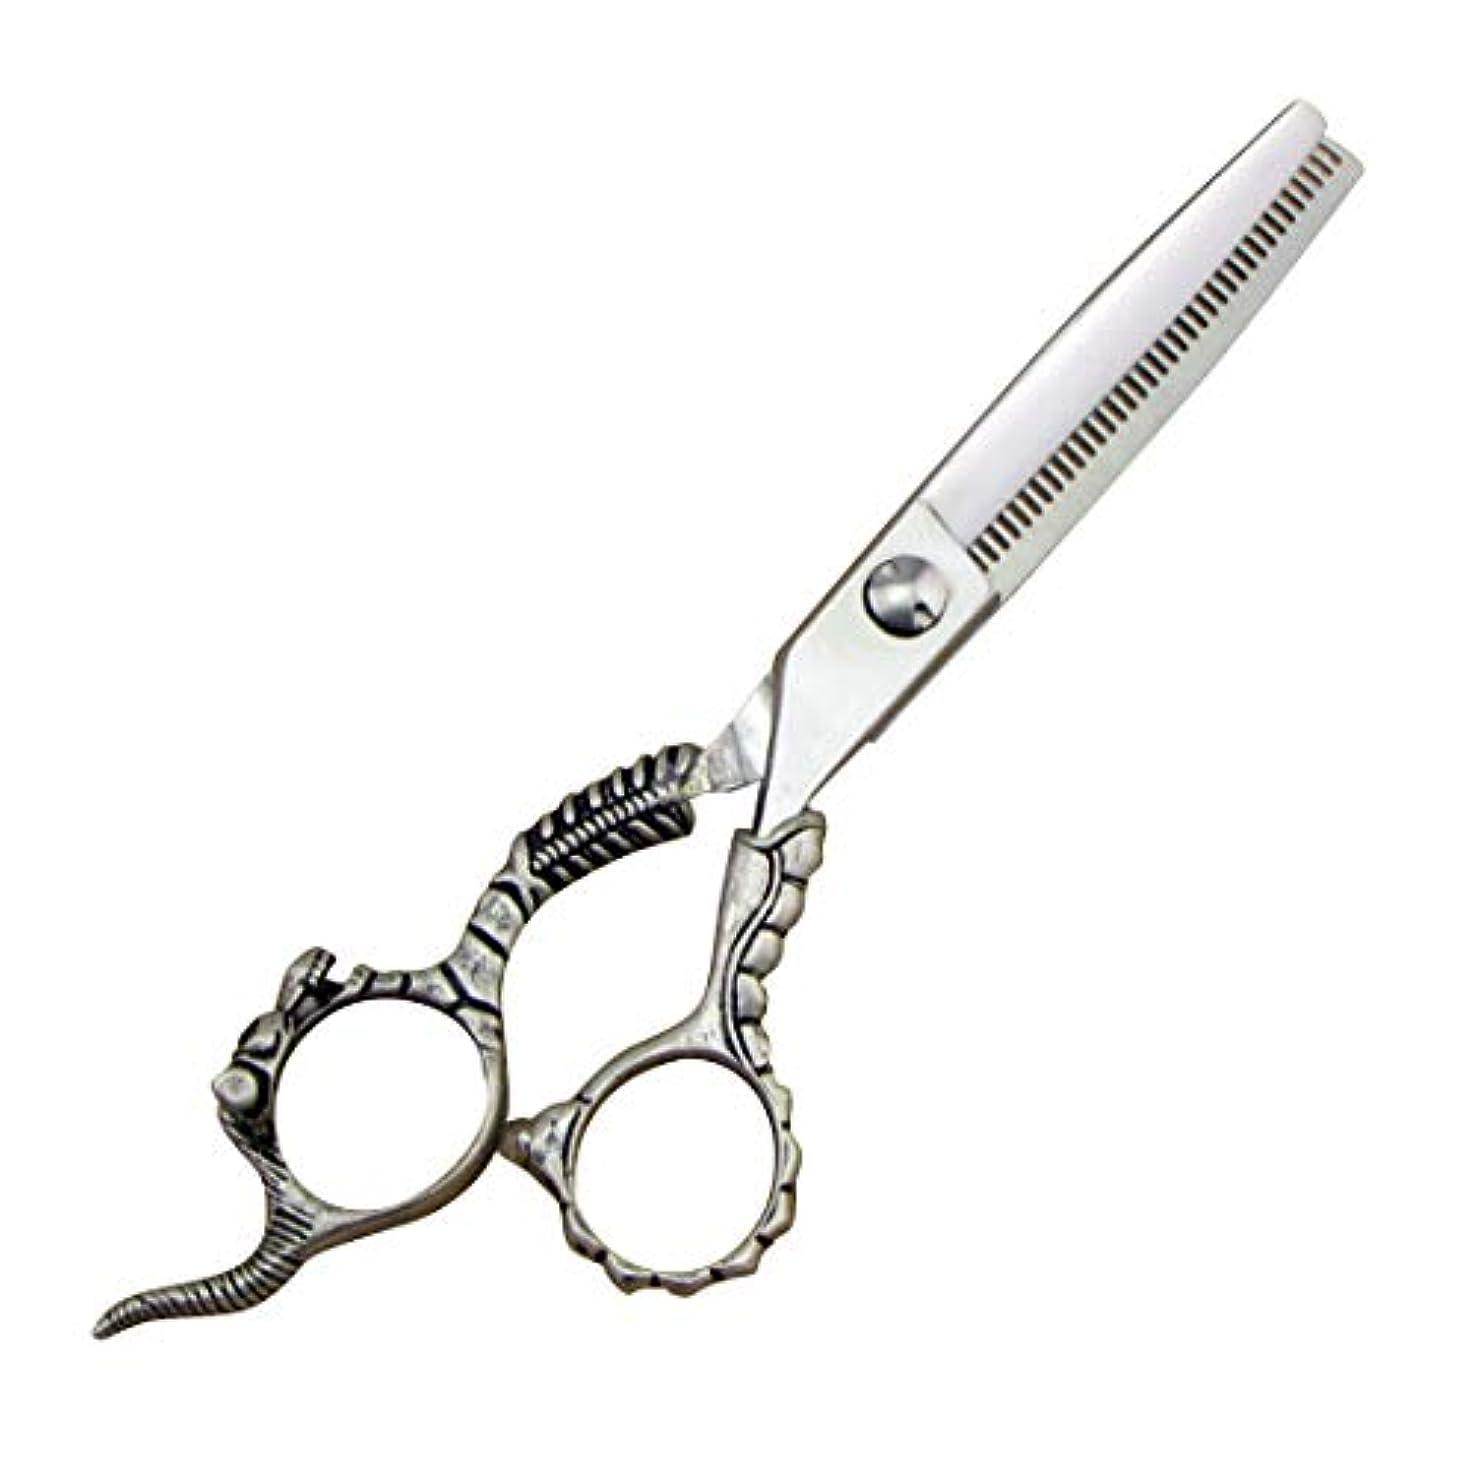 証人麻痺させるシェフ理髪用はさみ ステンレス鋼のバリカンはさみプロ理髪はさみ - 理髪はさみセット - 歯はさみ&フラットシアーヘアカットはさみステンレス理髪はさみ (色 : Silver)